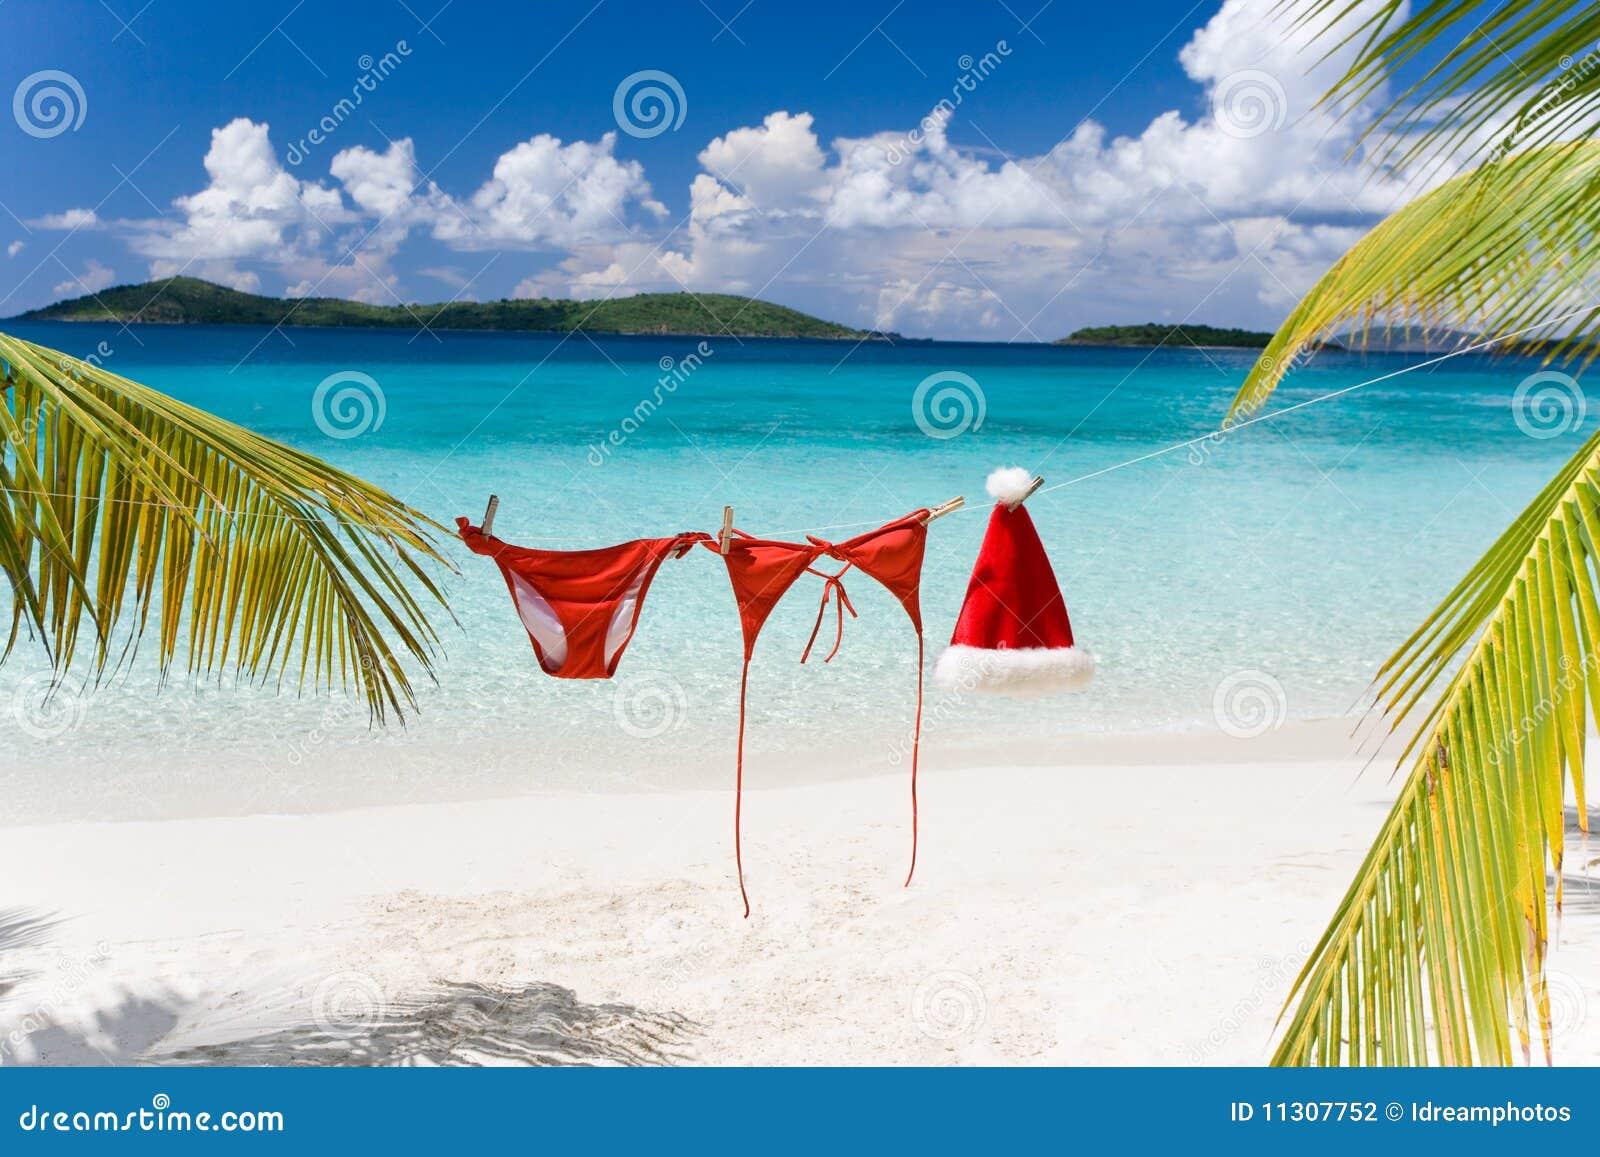 Tropical Christmas.Tropical Christmas Beach Stock Photo Image Of Holiday